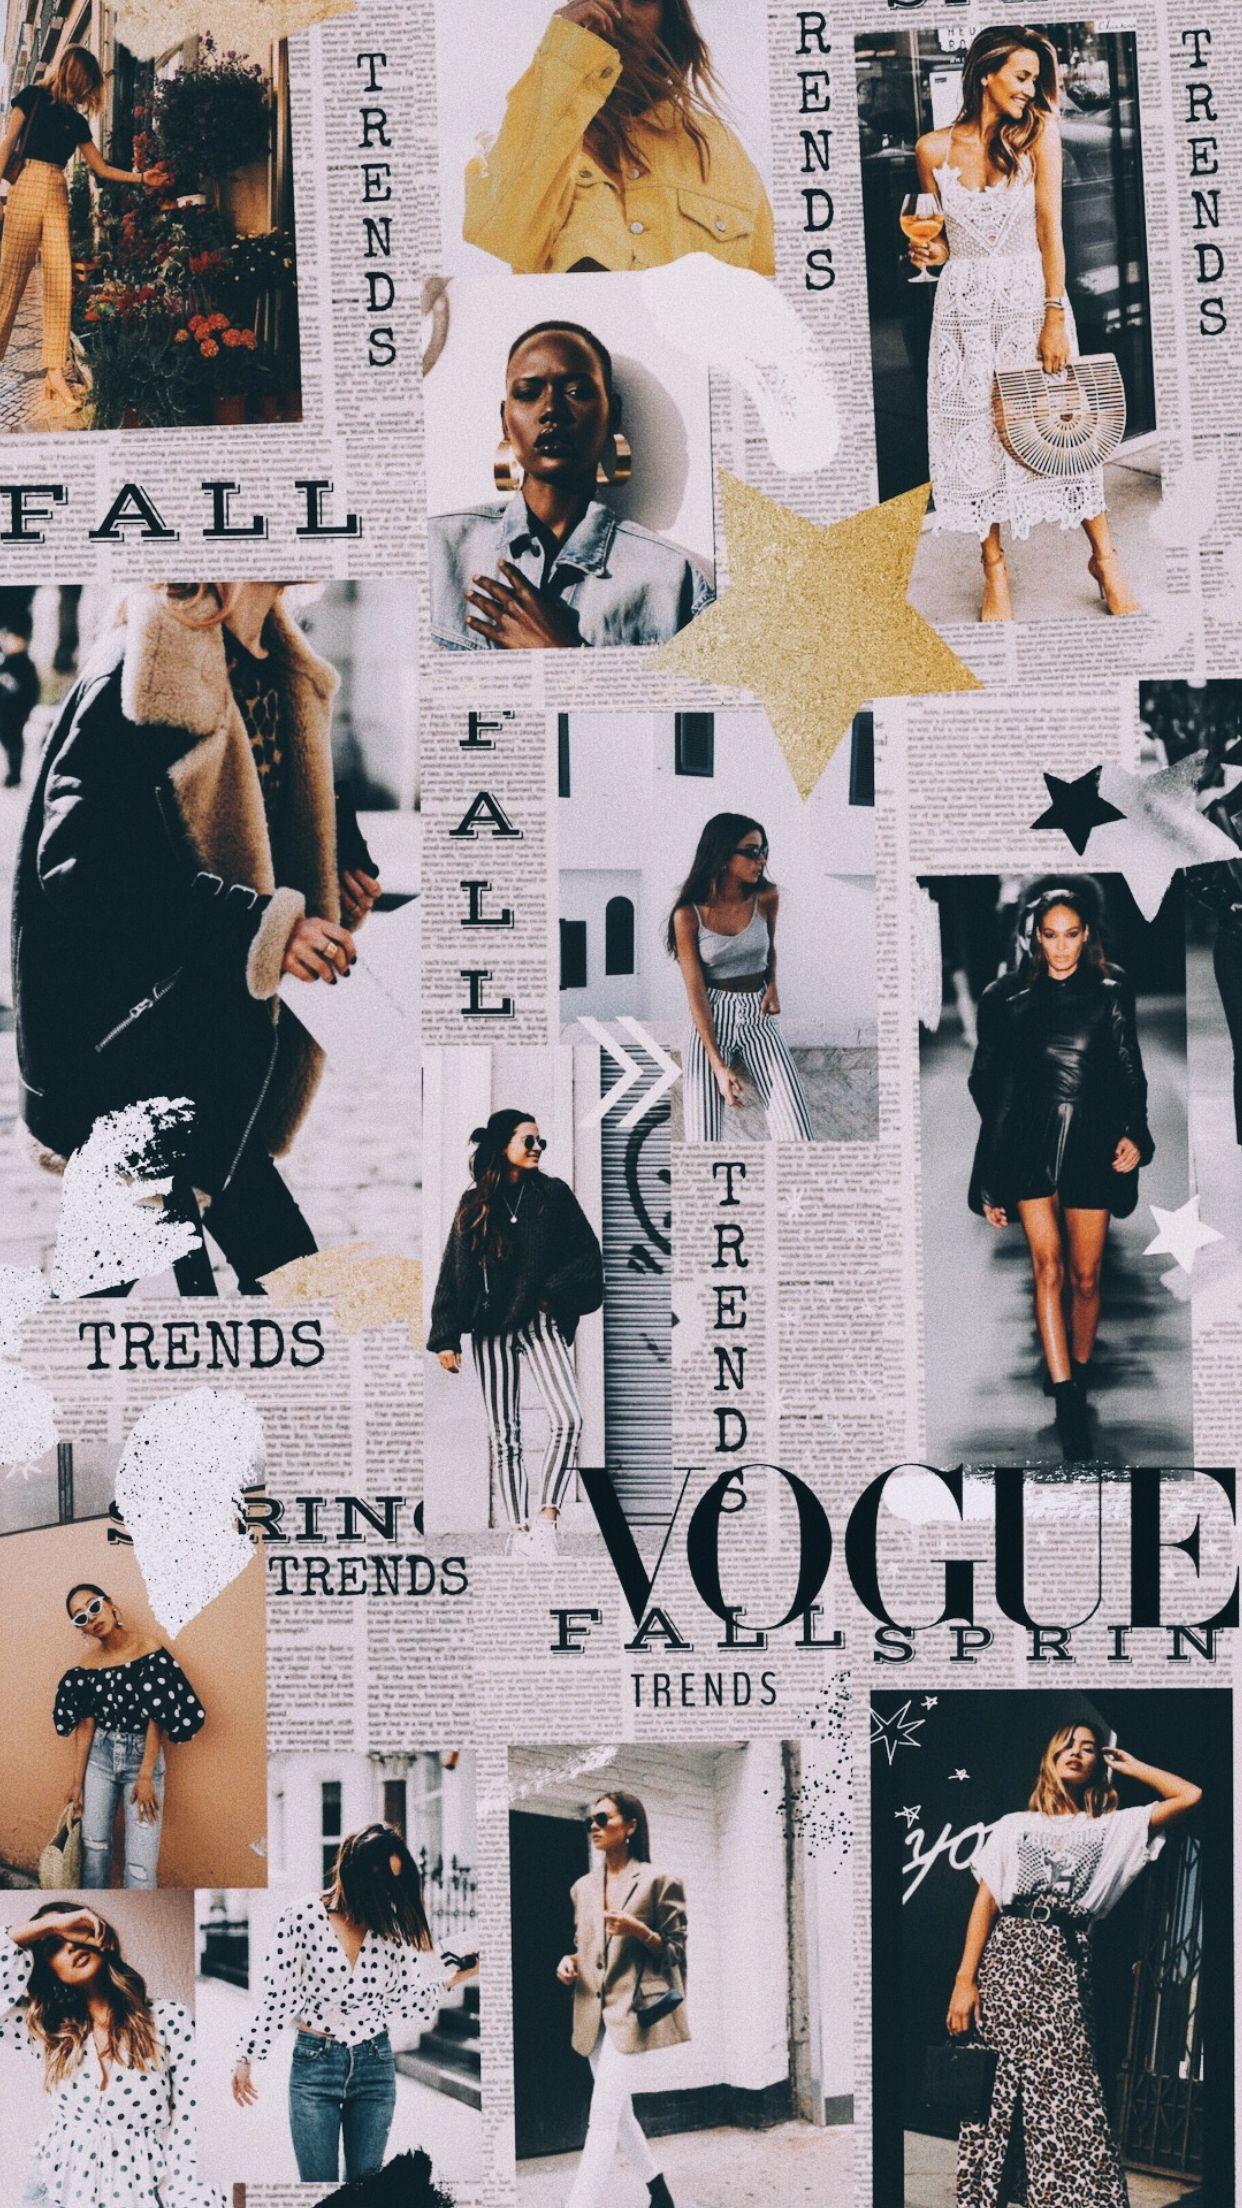 Pin By Kali Bradley On Inspo Fashion Wallpaper Vogue Wallpaper Fashion Collage